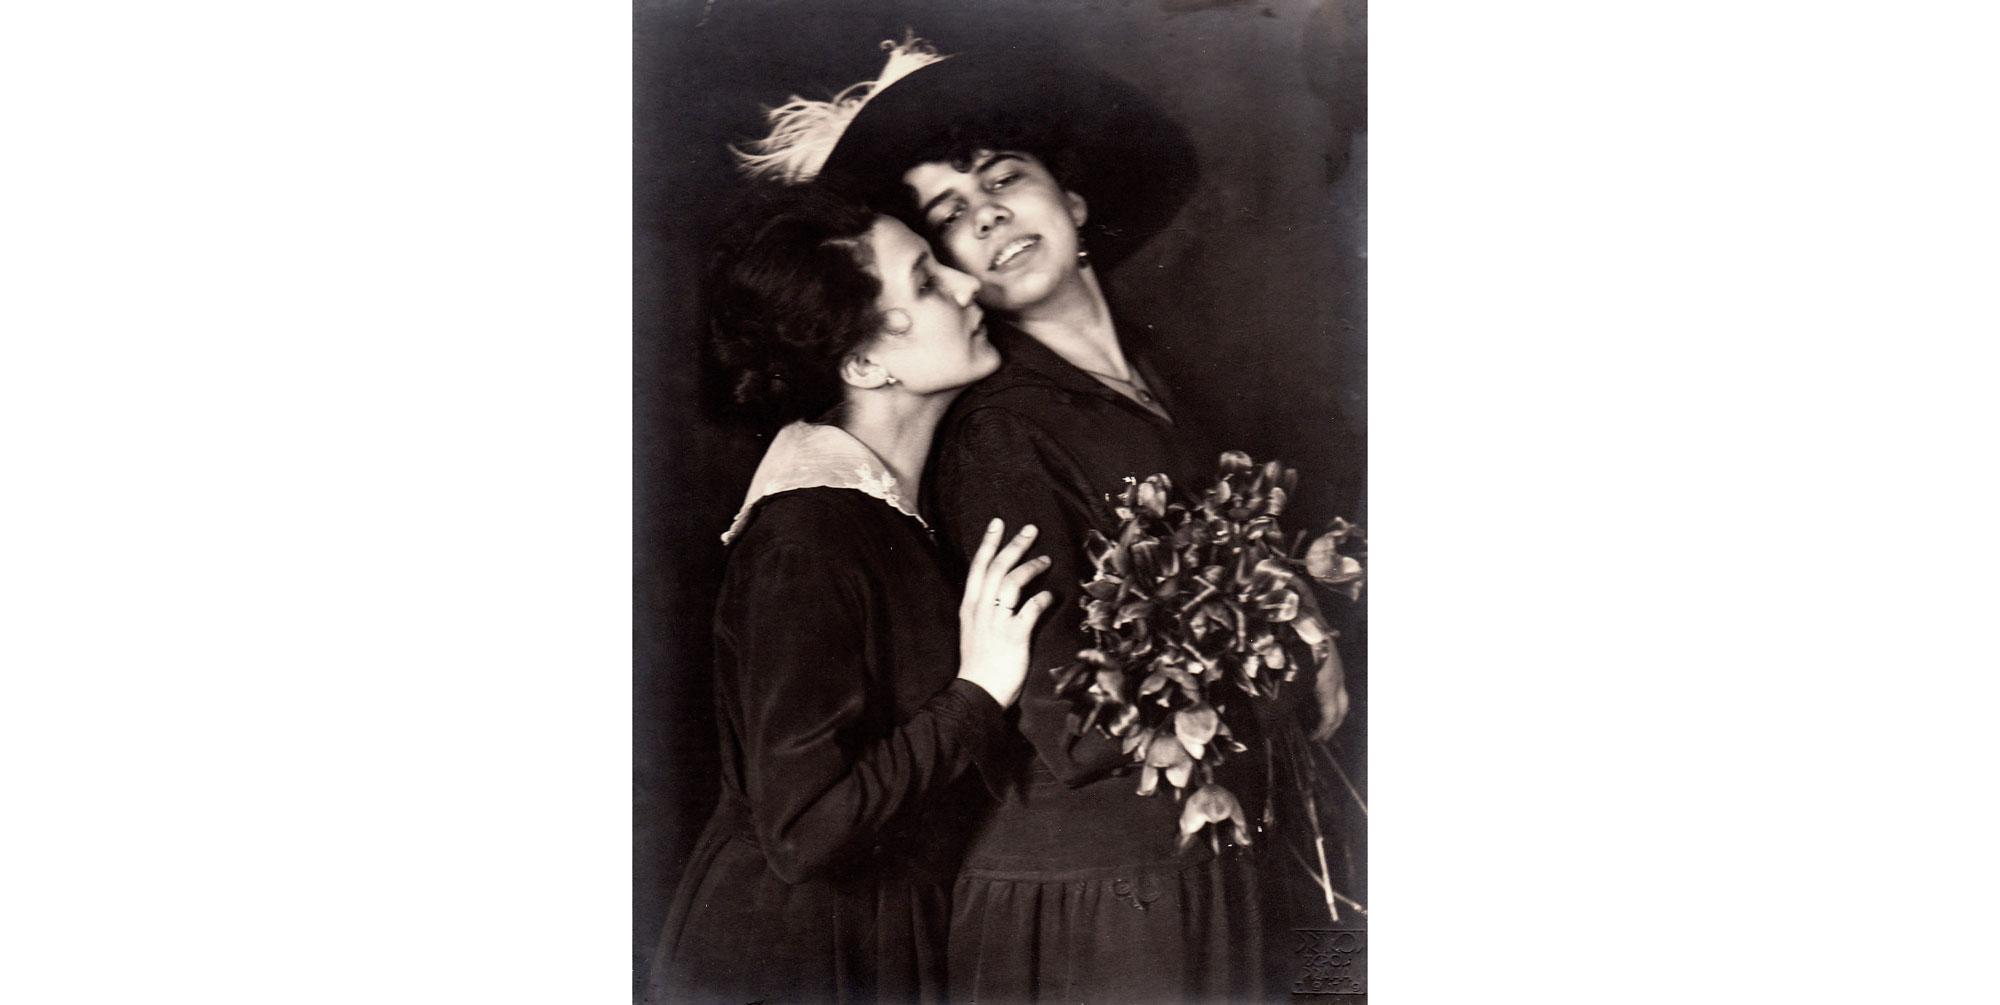 Frantisek Drtikol: 2 dámy s kytici ruzi, 19 x 26 cm, 1919 - Vintage